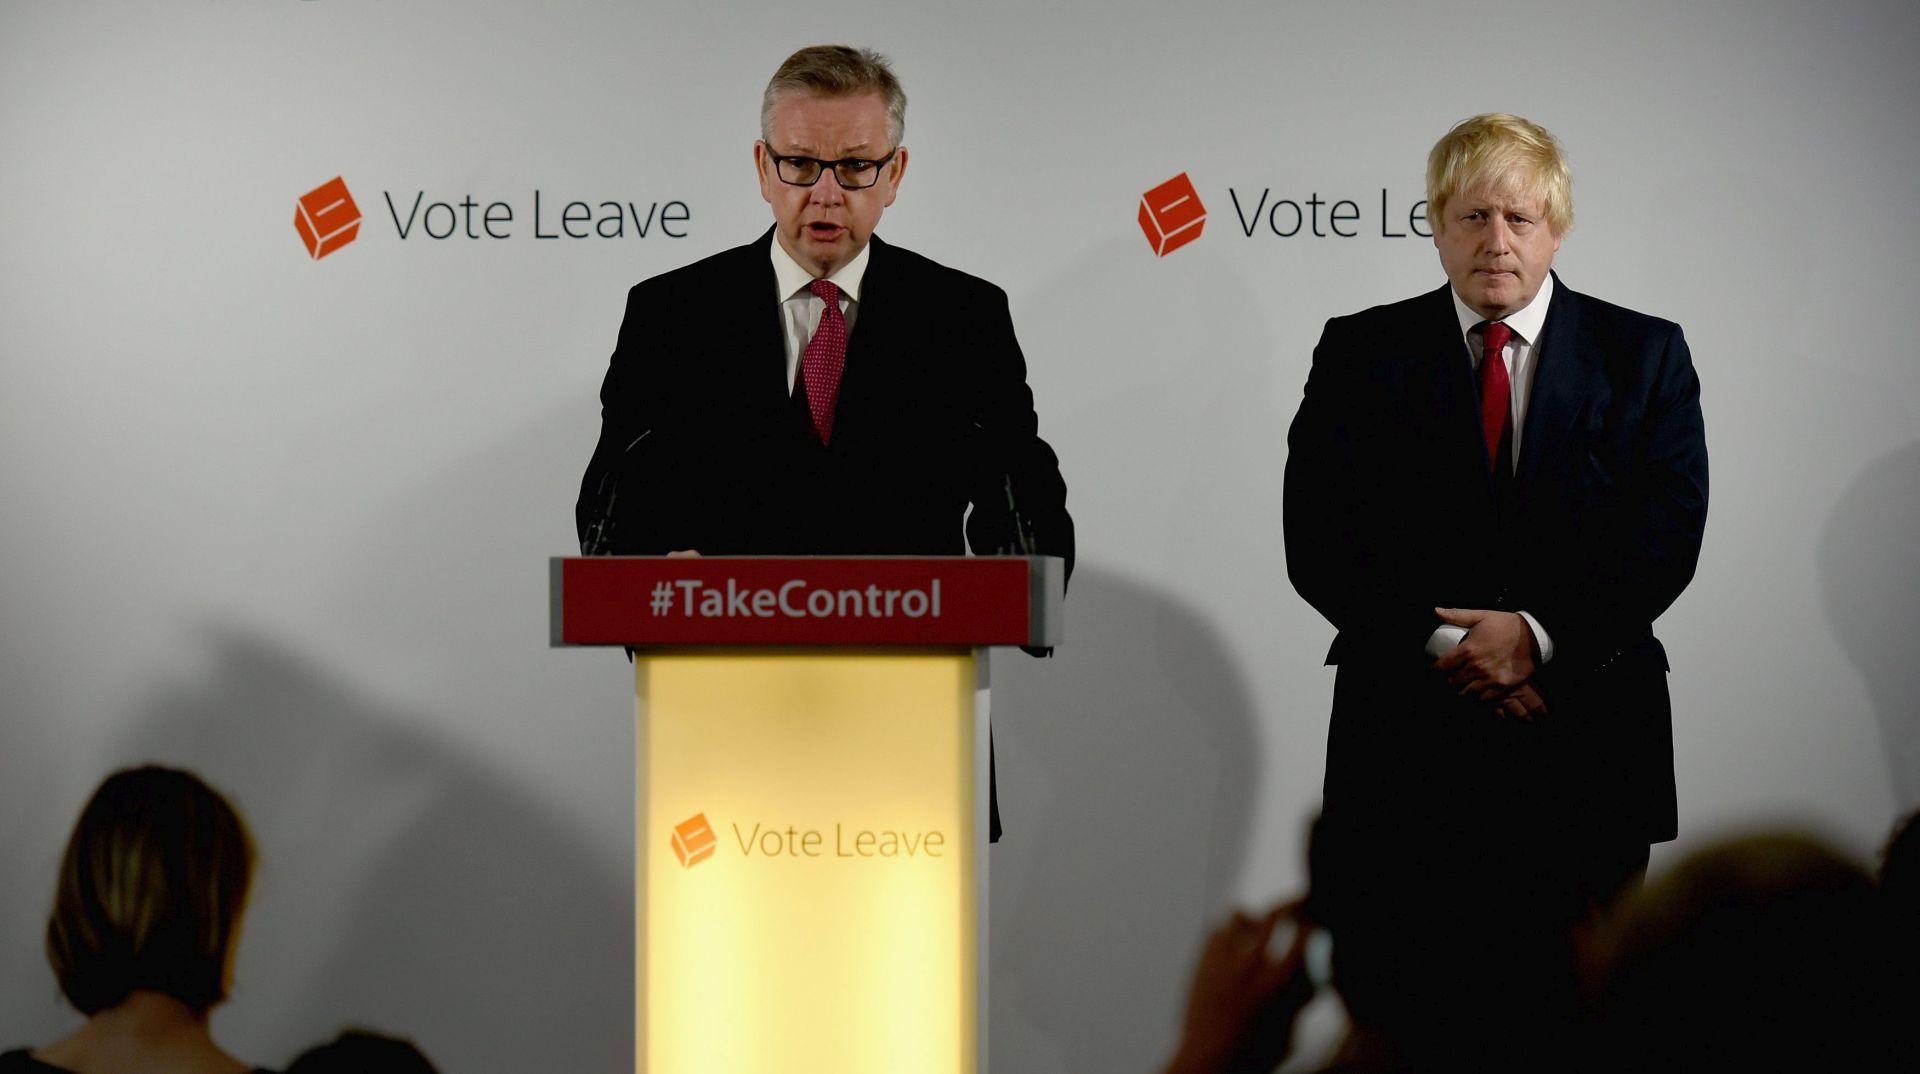 Vote Leave kaže da nema potrebe za brzim početkom pregovora s EU-om o rastavi